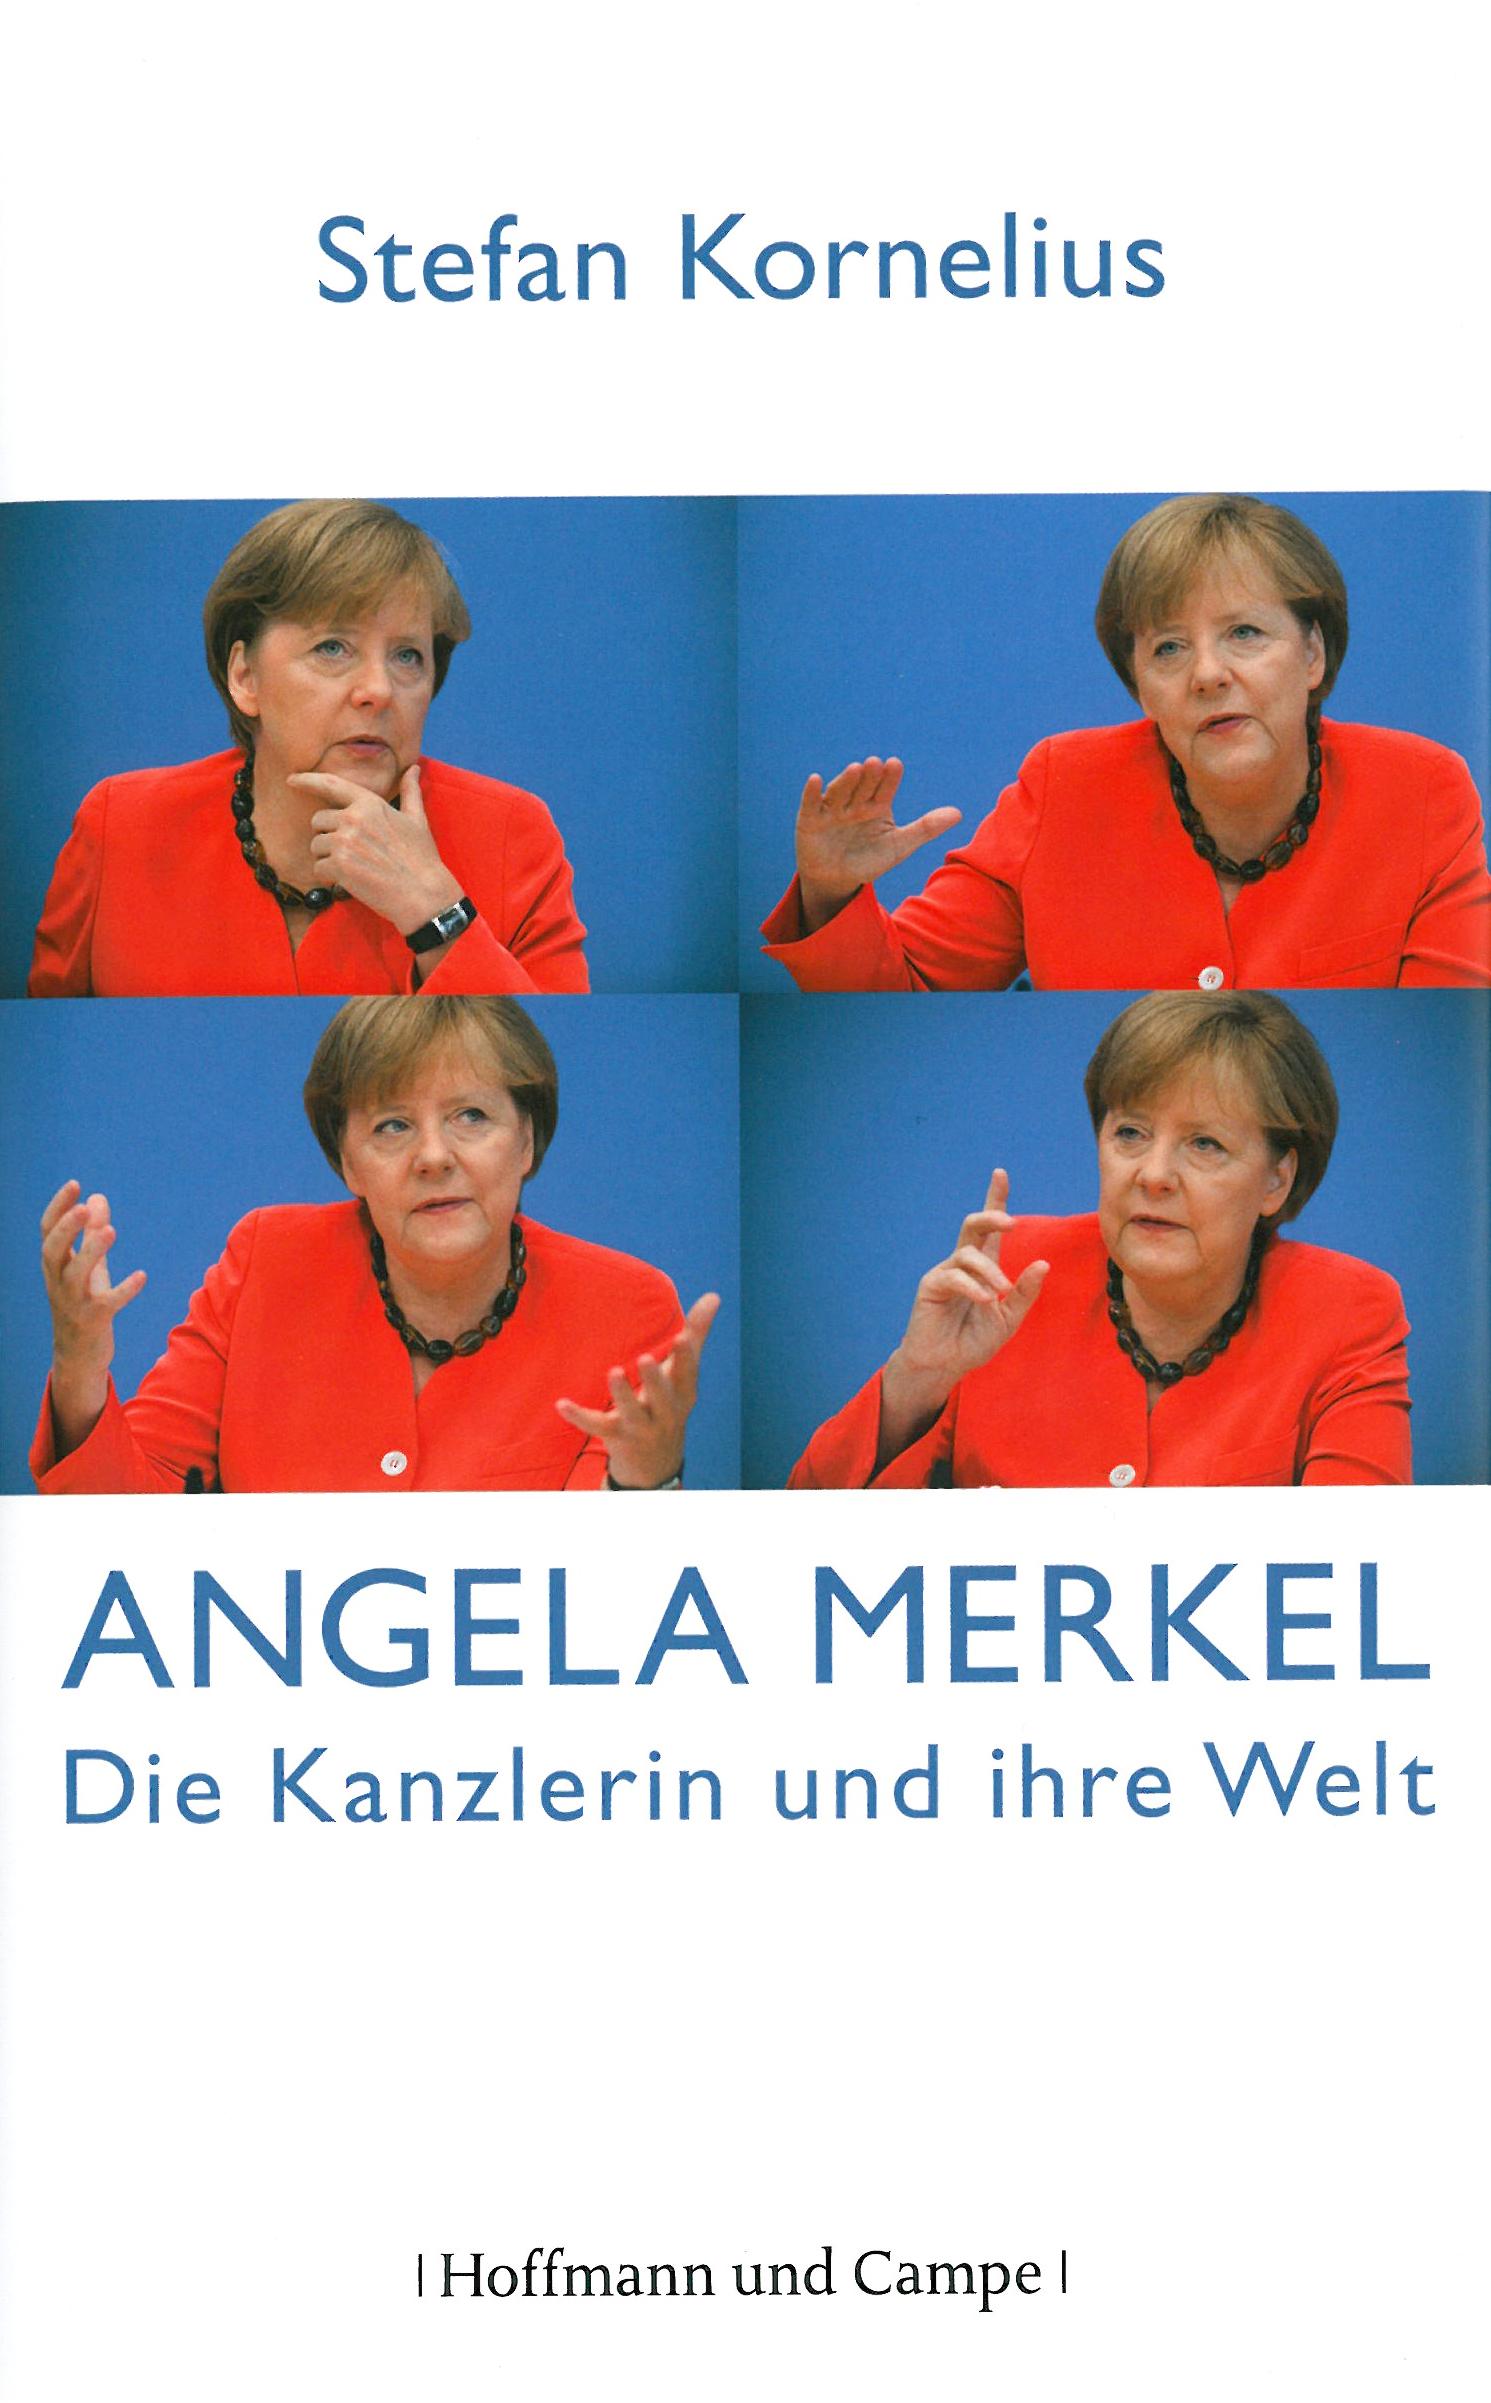 Stefan Kornelius: Angela Merkel. Die Kanzlerin und ihre Welt. Hoffmann und Campe Verlag 2013, 283 s.